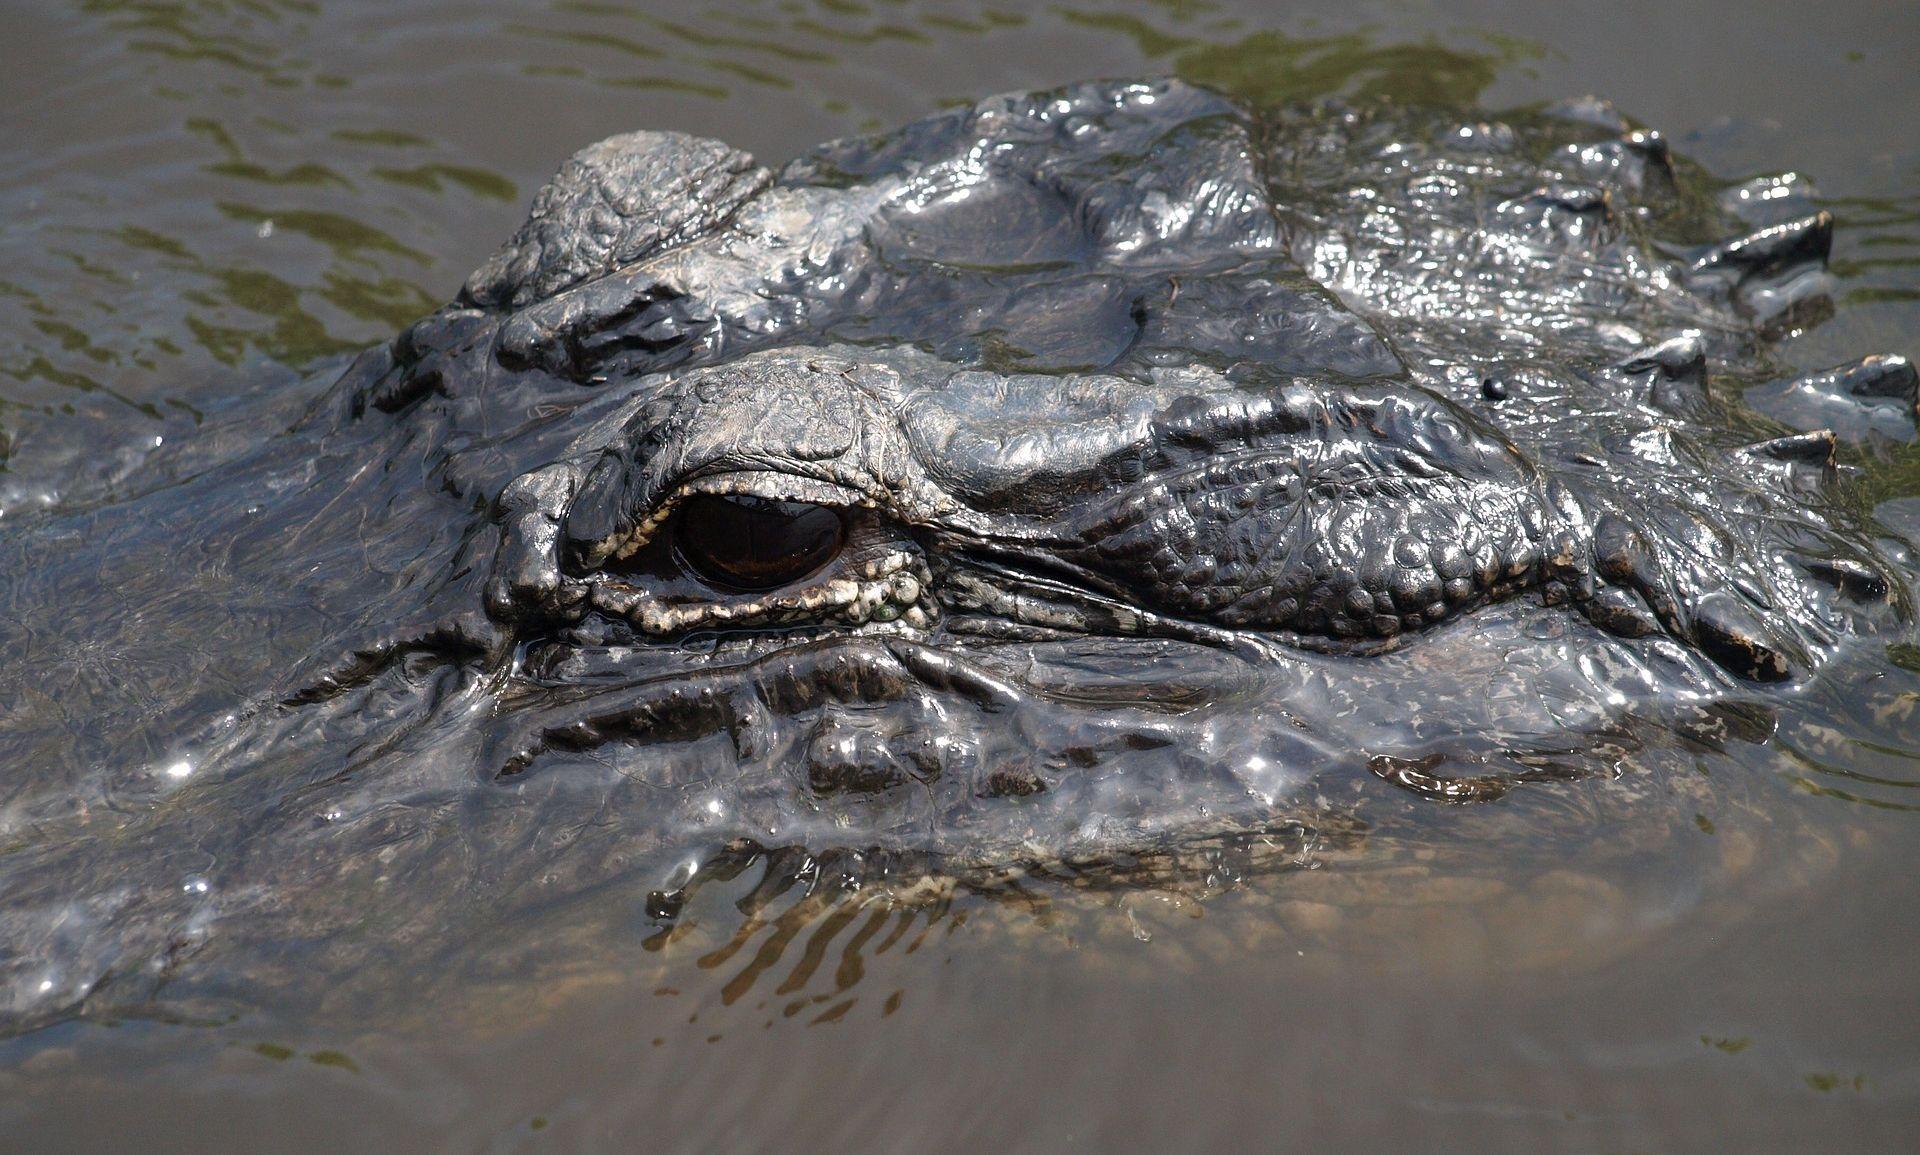 FLORIDA Aligator odvukao dvogodišnjaka s obale, pretpostavlja se da je mrtav